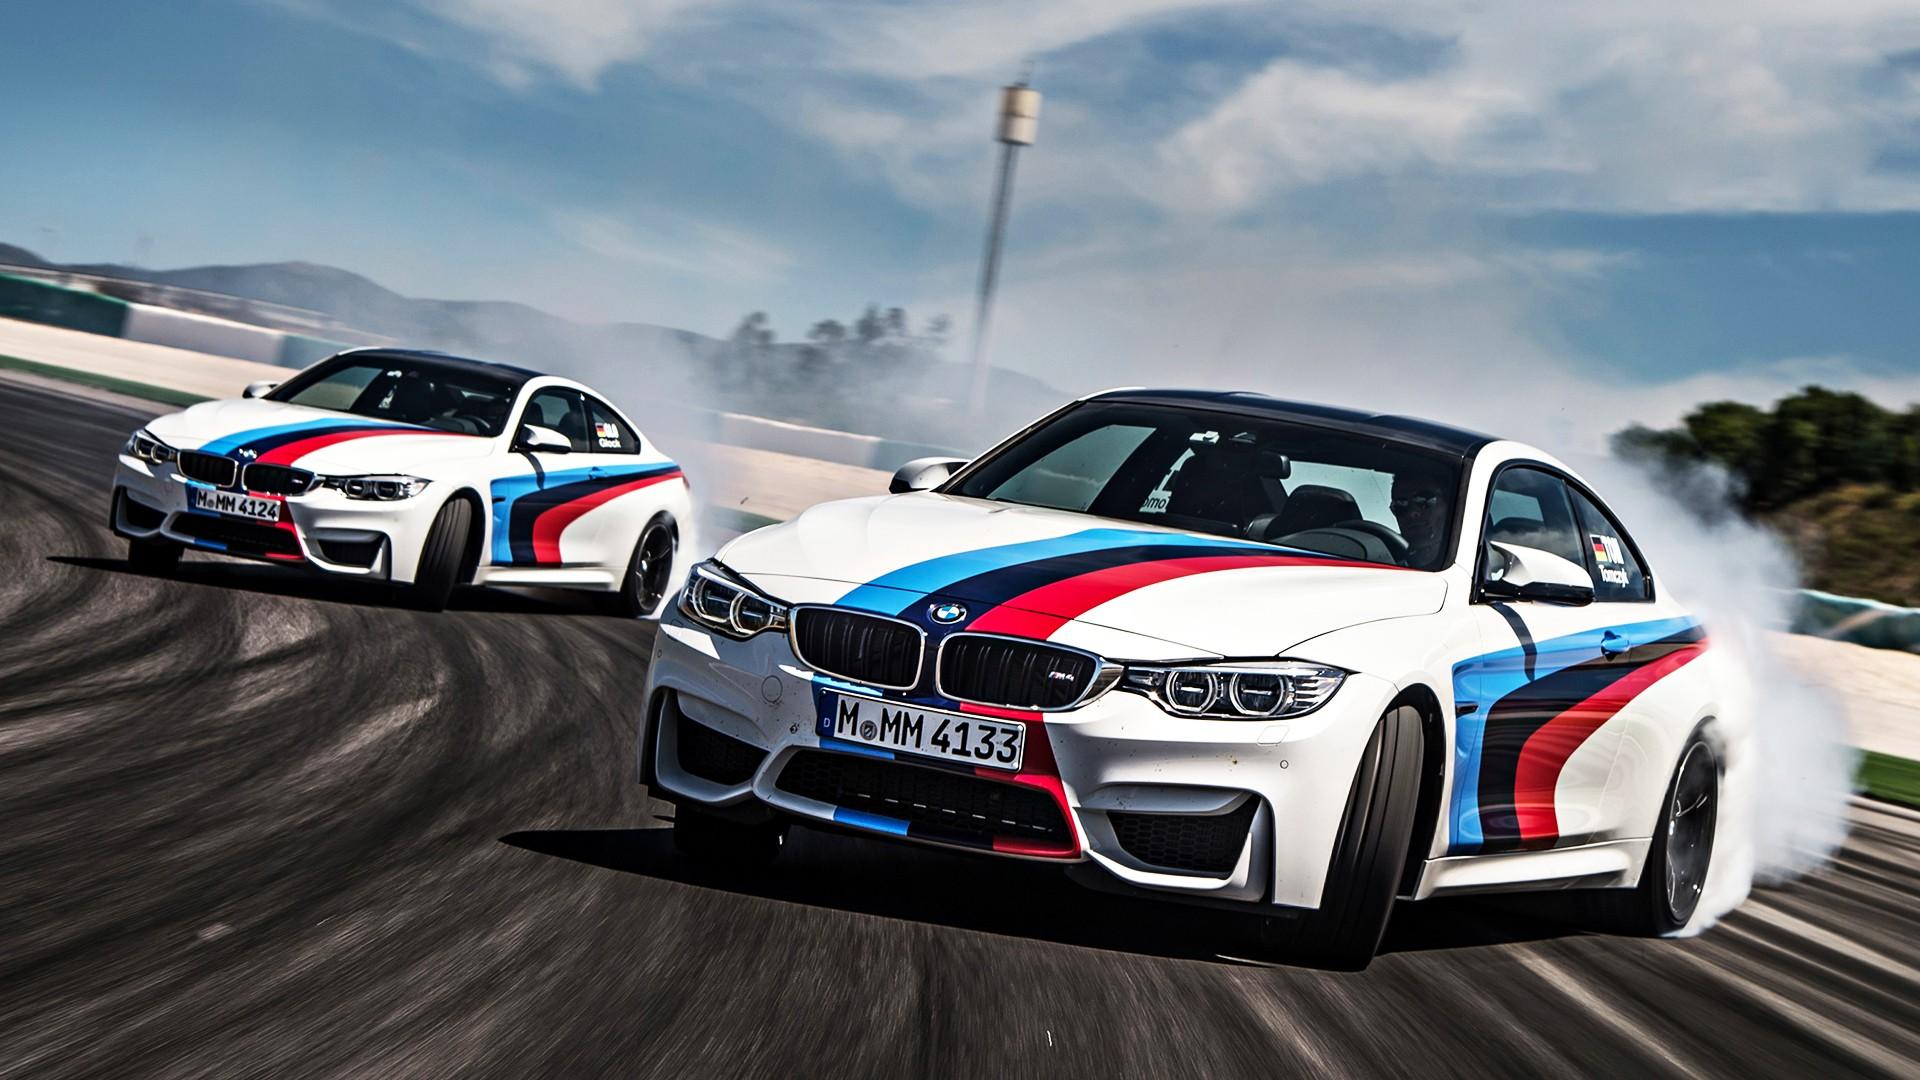 Tapety : 1920x1080 pikseli, BMW, samochód, dryf, M4 ...